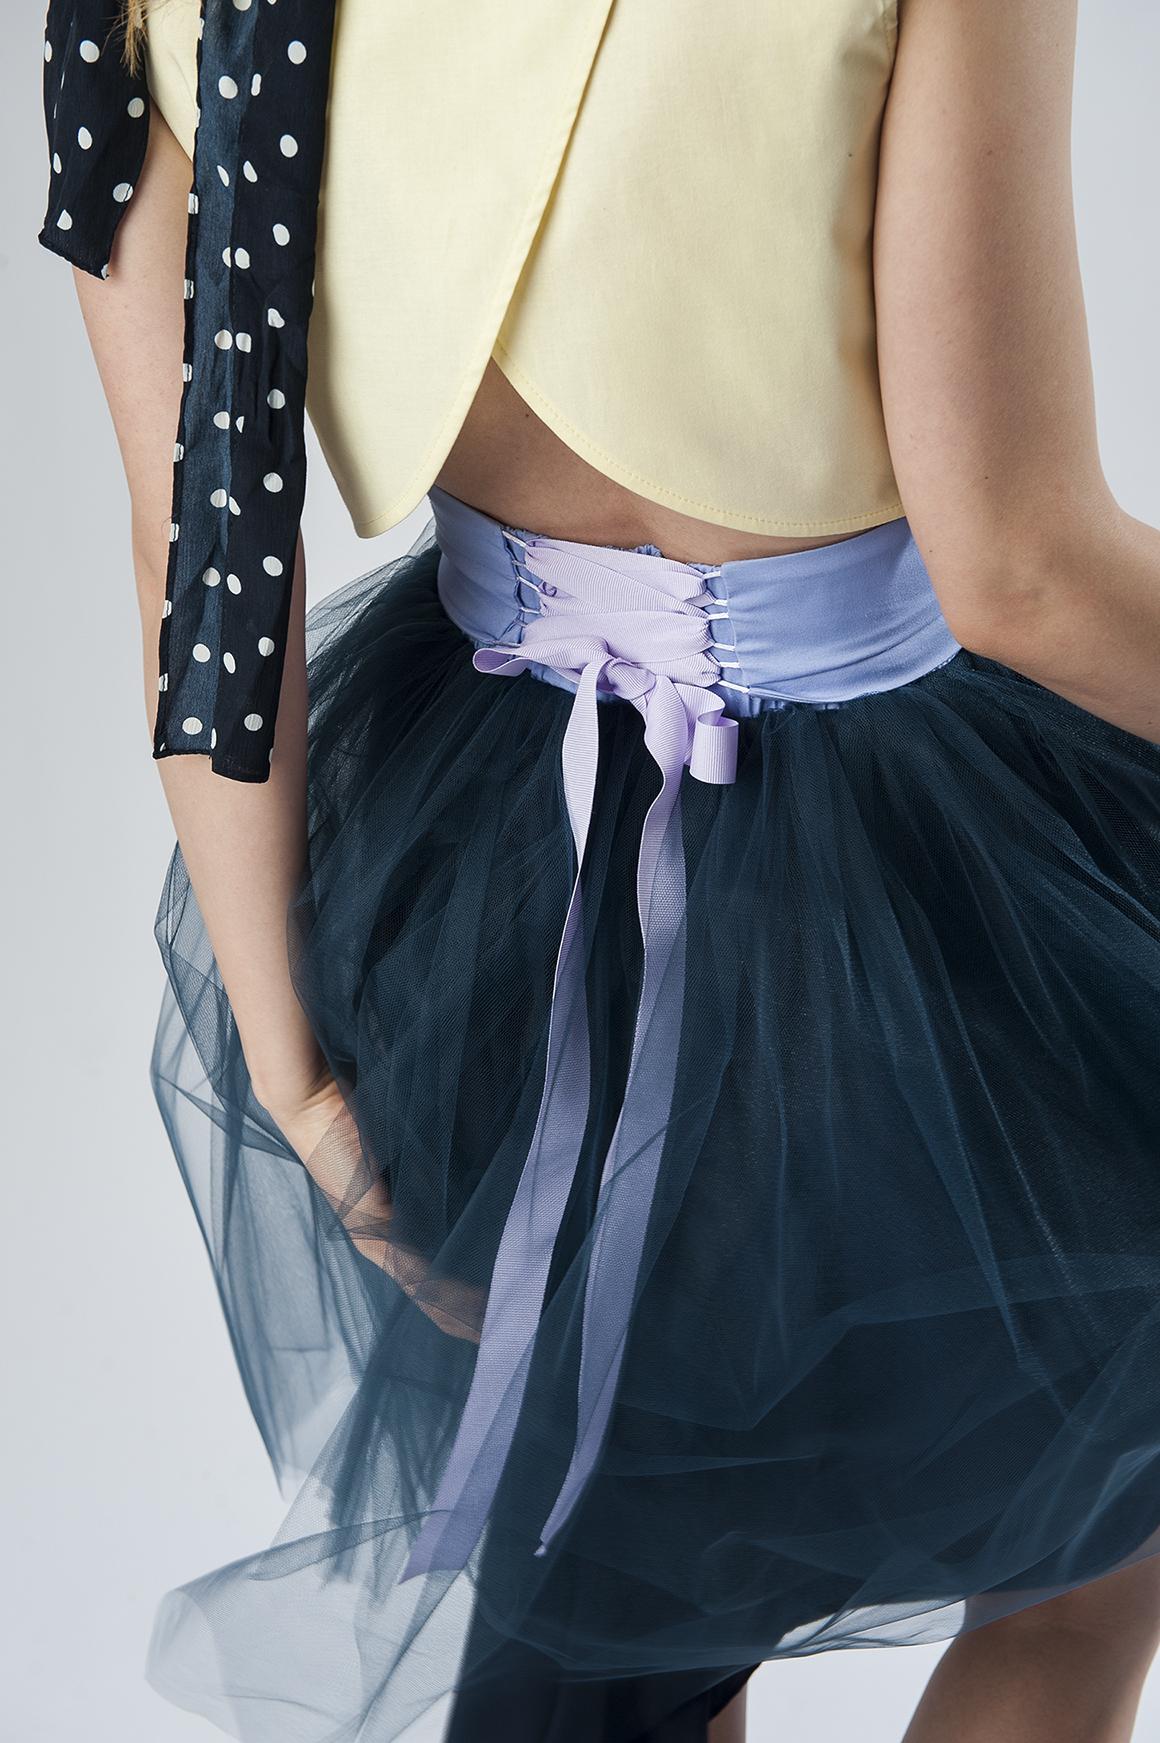 granatowa spódnica tiulowa z wiązaniem gorsetowym stylizacja studniówkowa